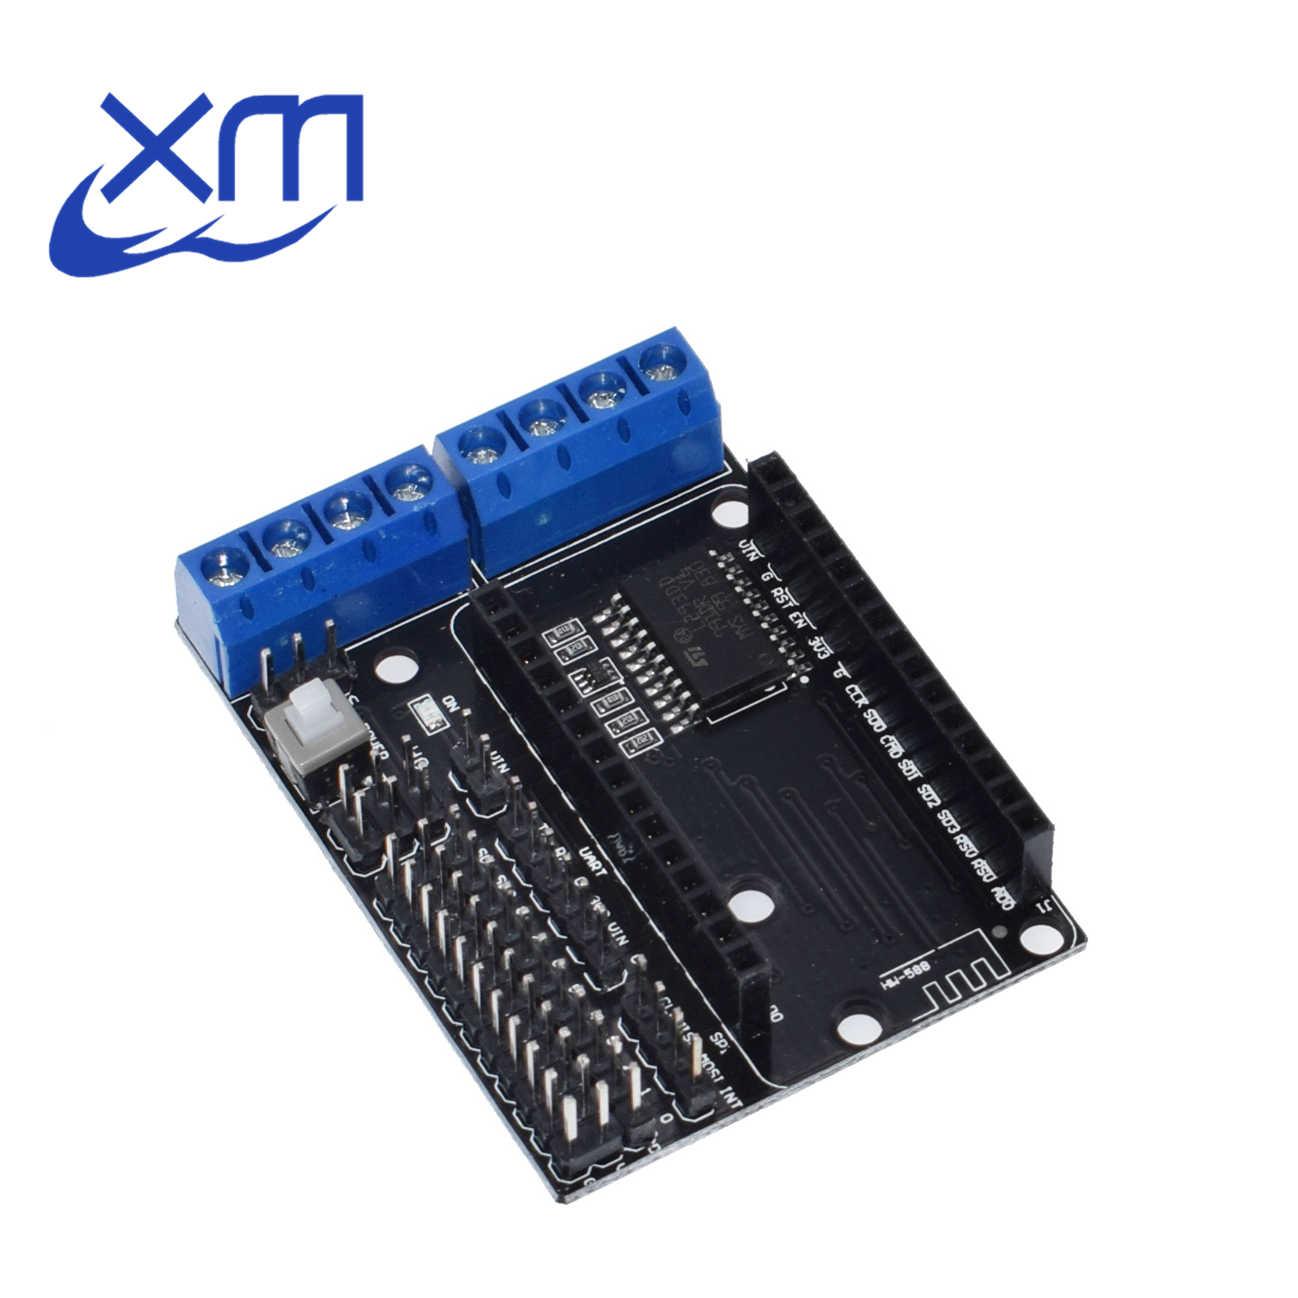 10 ชิ้น/ล็อตNodeMcuมอเตอร์โล่บอร์ดL293DสำหรับESP-12EจากESP8266 ESP 12EชุดDIY RCของเล่นWiFi RCสมาร์ทรถรีโมทคอนโทรล